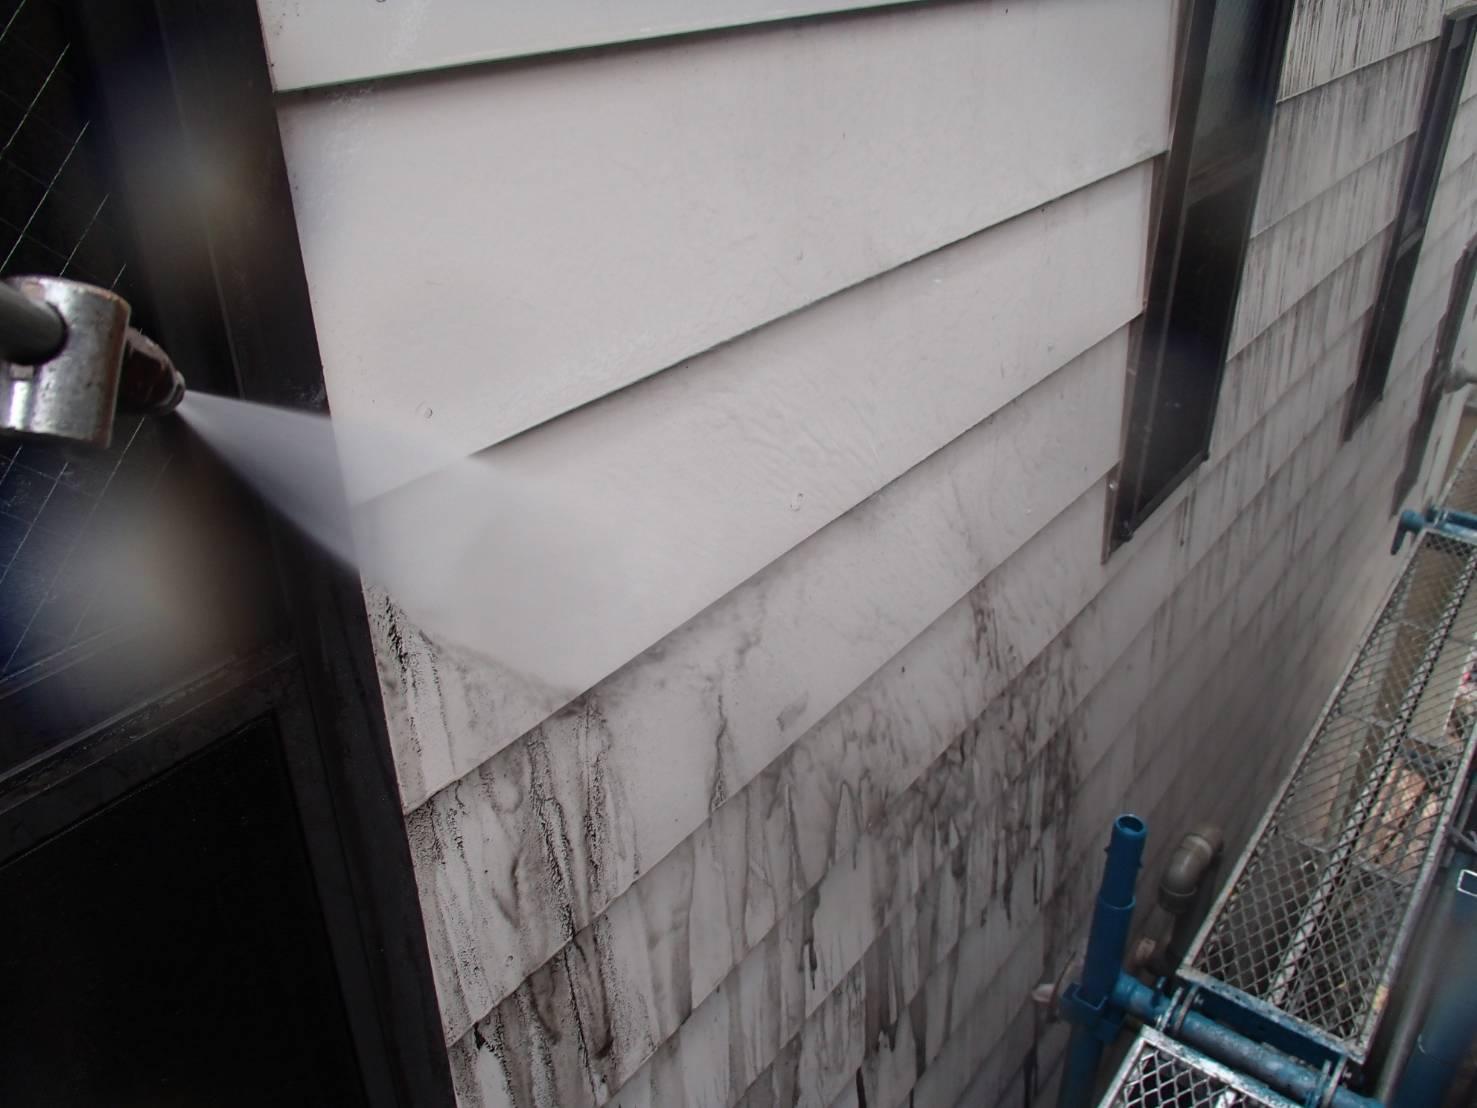 外壁の洗浄を行いました。汚れがみるみる落ちていきます。